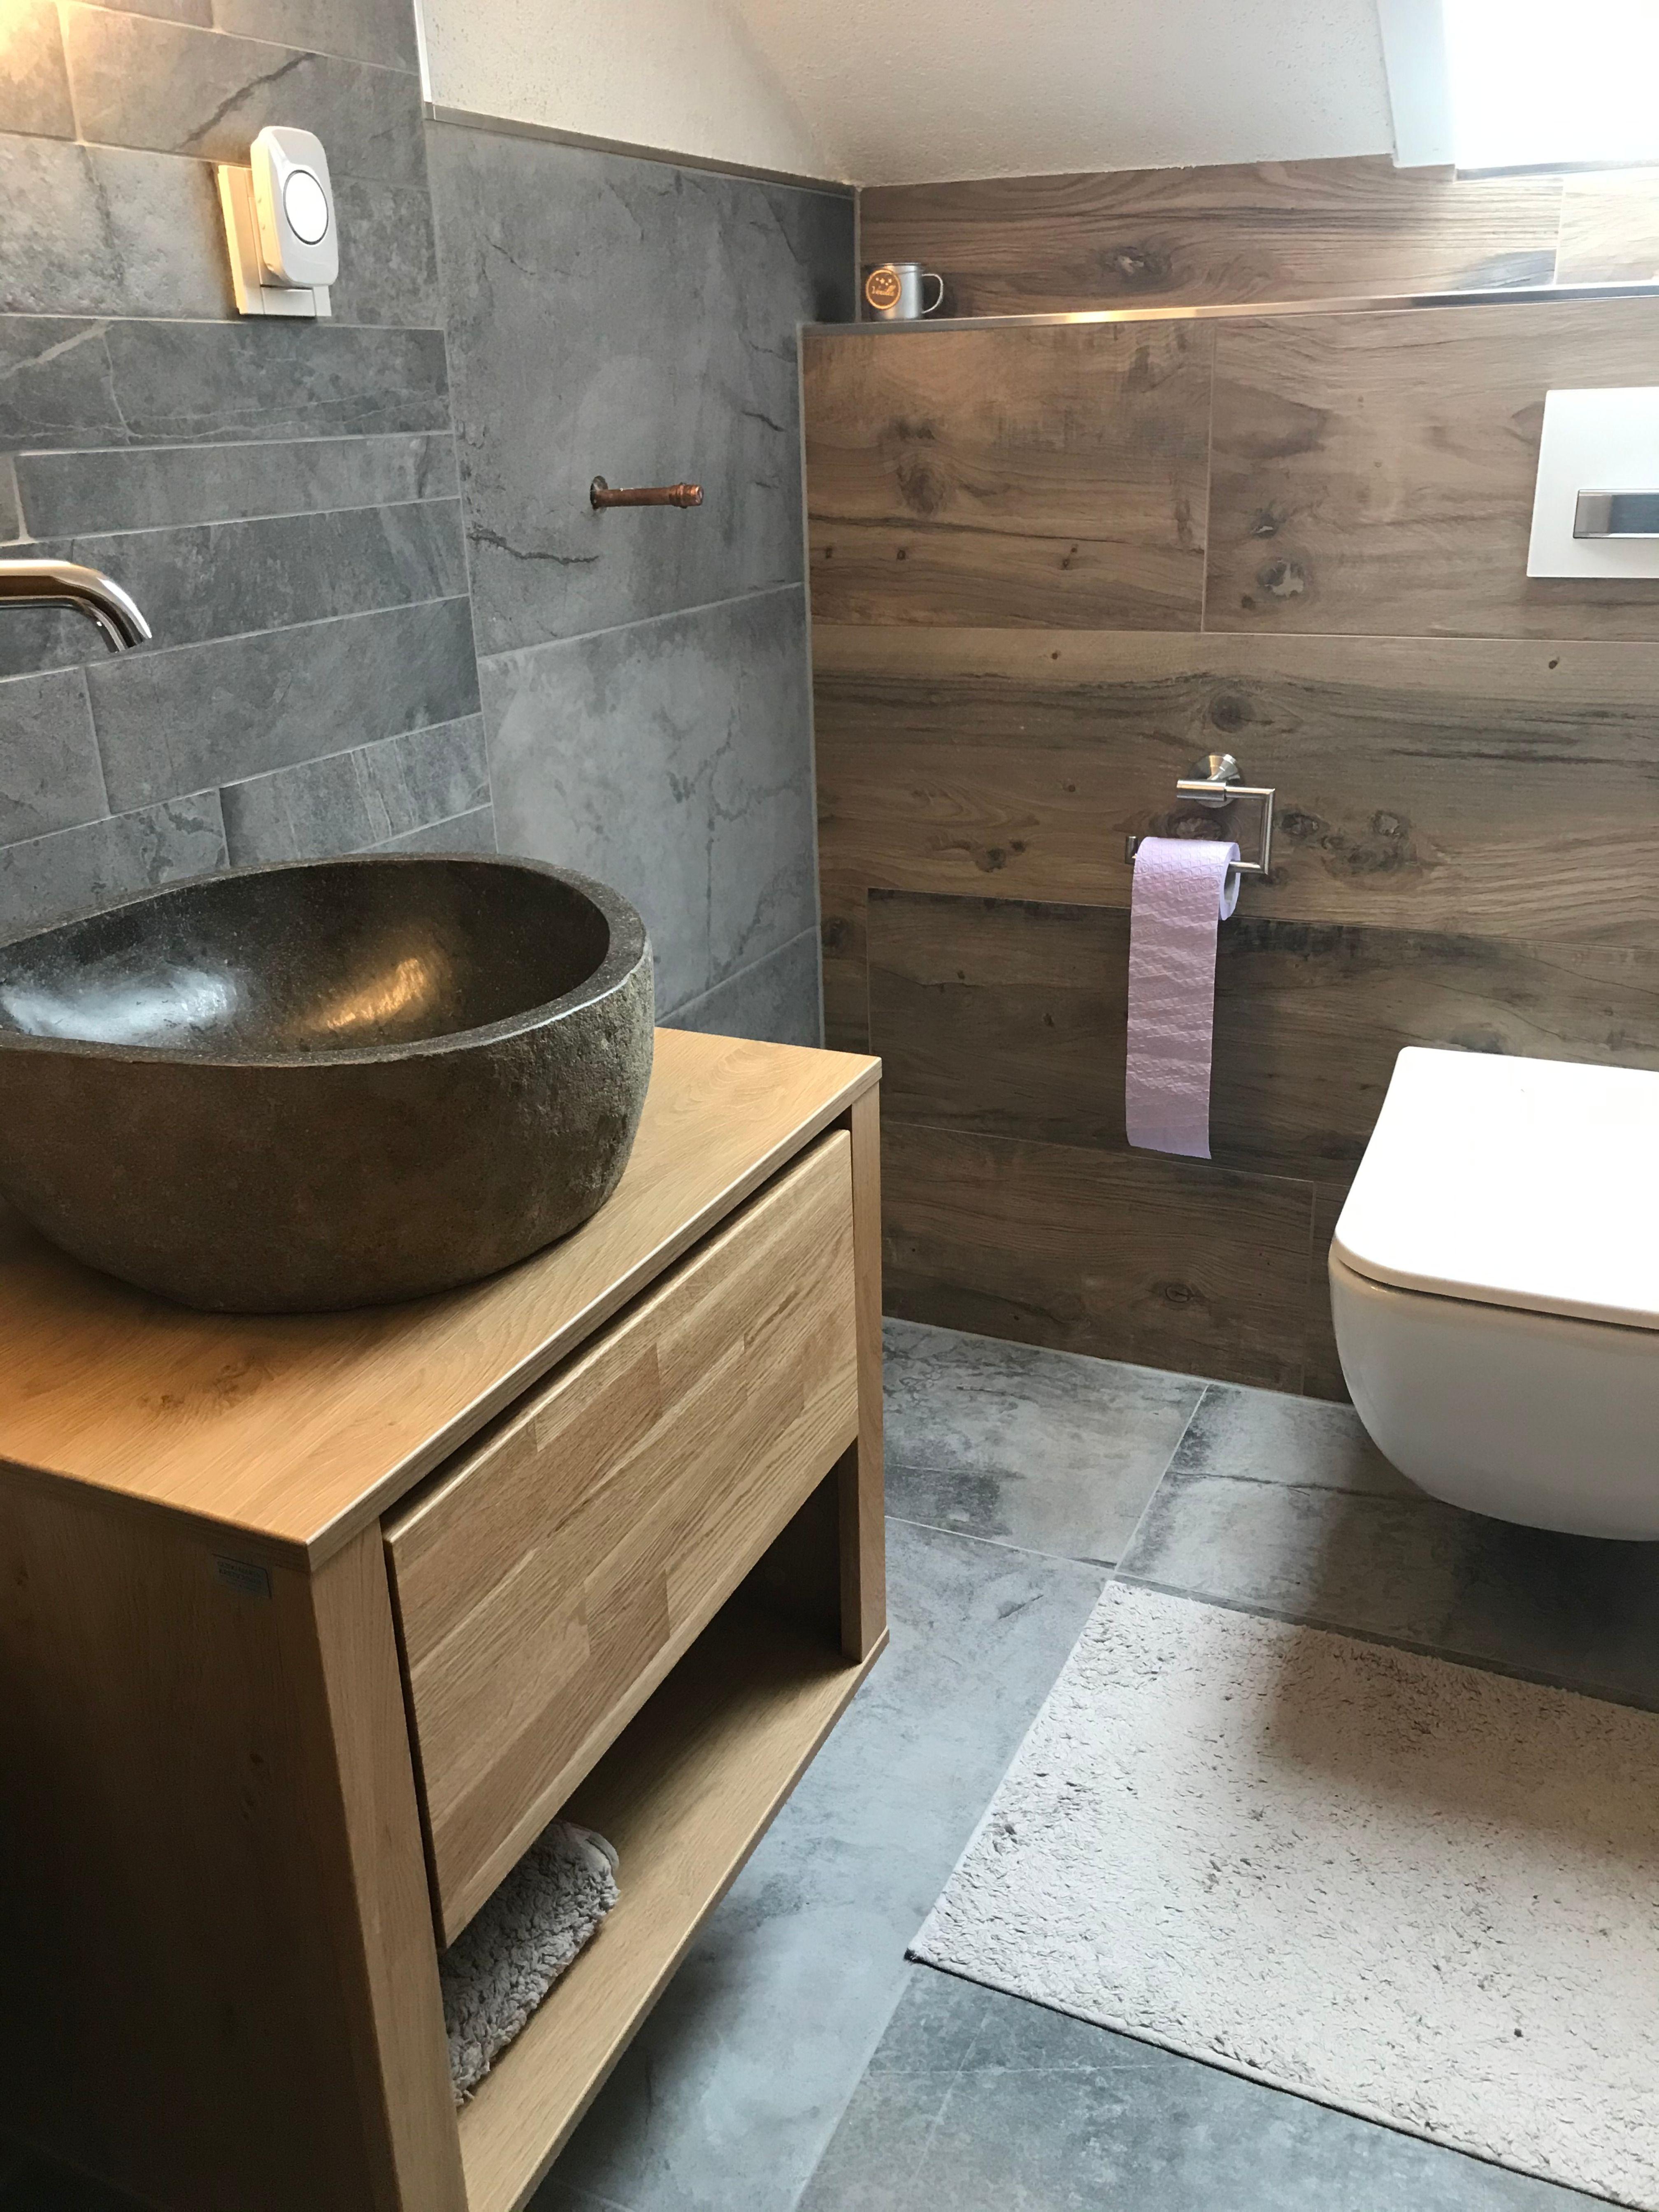 Kombiniere Dir Dein Traumbad Gaste Wc Mobel Fliesen Holzoptik Bad Wc Mit Dusche